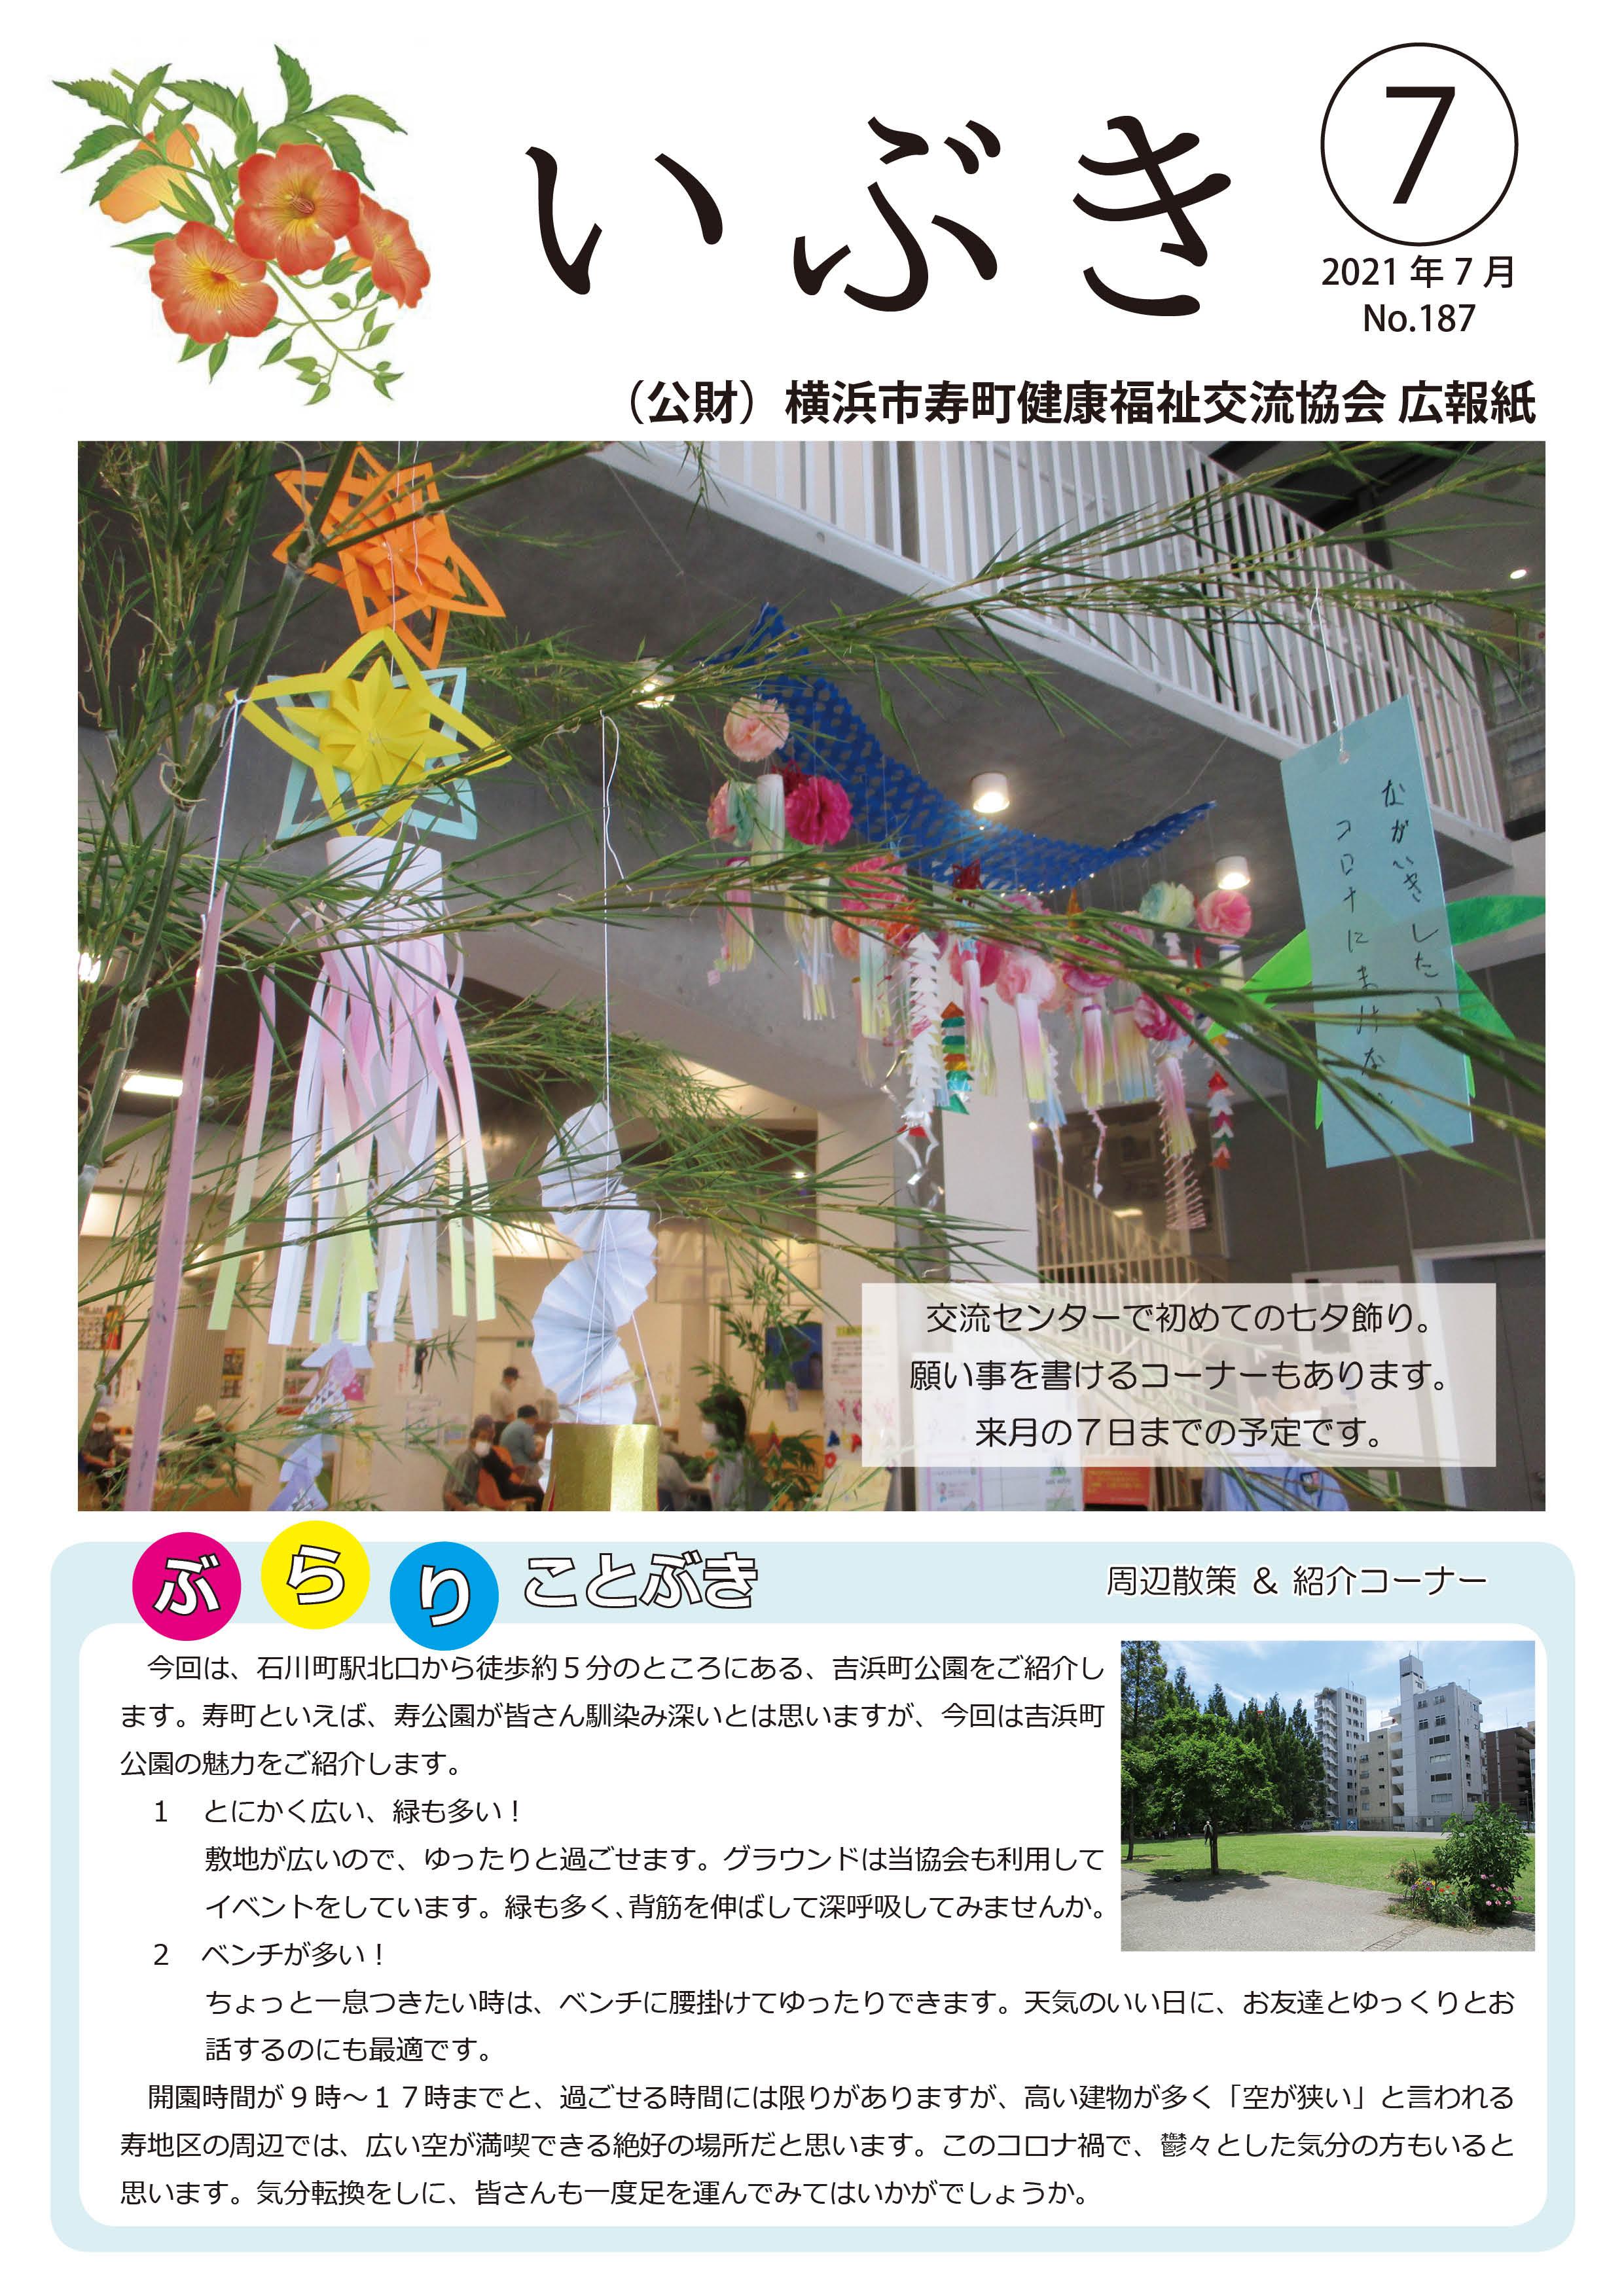 広報紙いぶき2021年7月号(No.187)